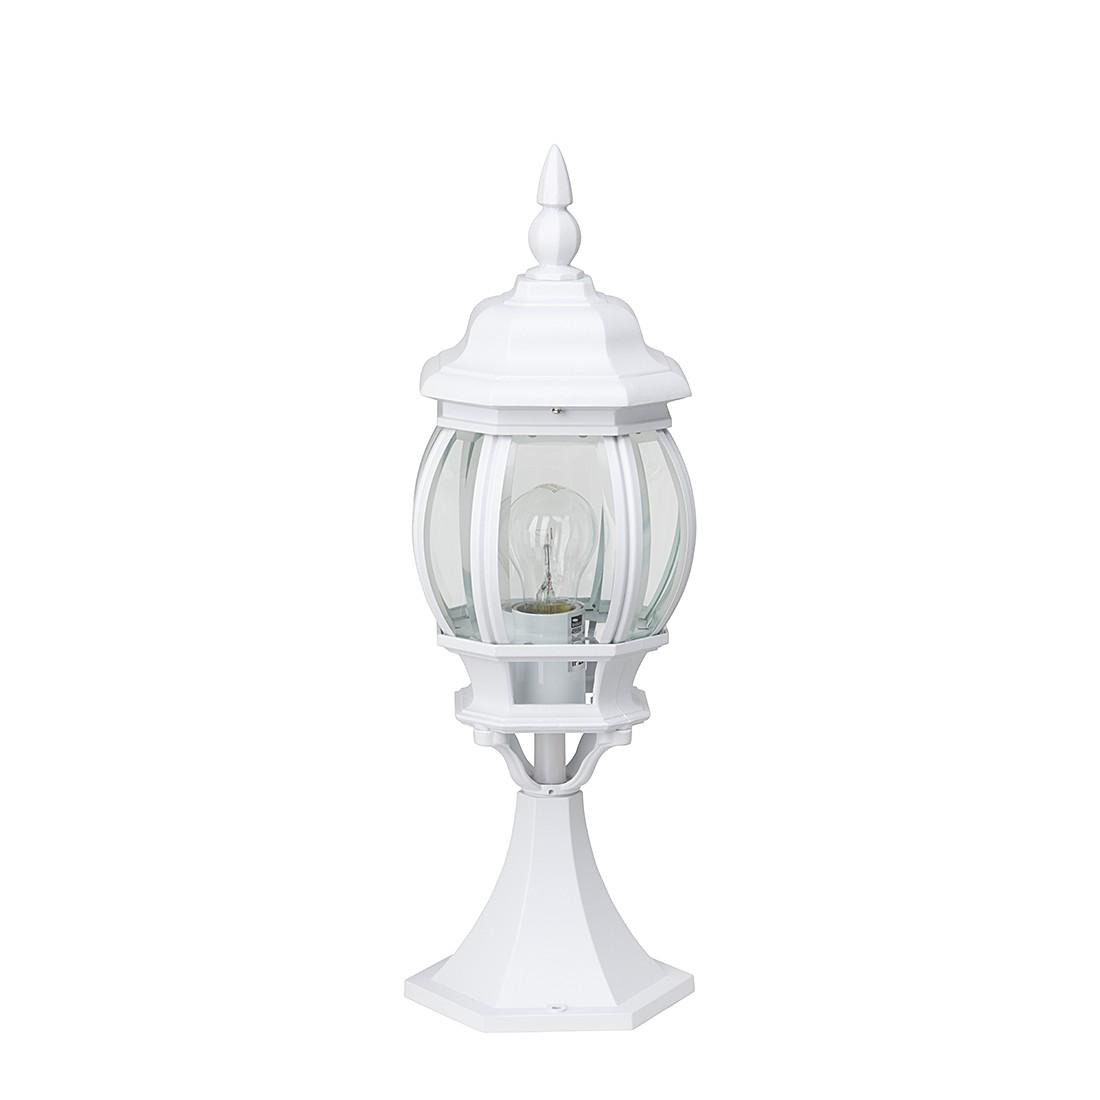 EEK A++, Außenleuchte Sally - Metall/Alu-Druckguss/Glas - Weiß  bei Home24 - Gartenmöbel